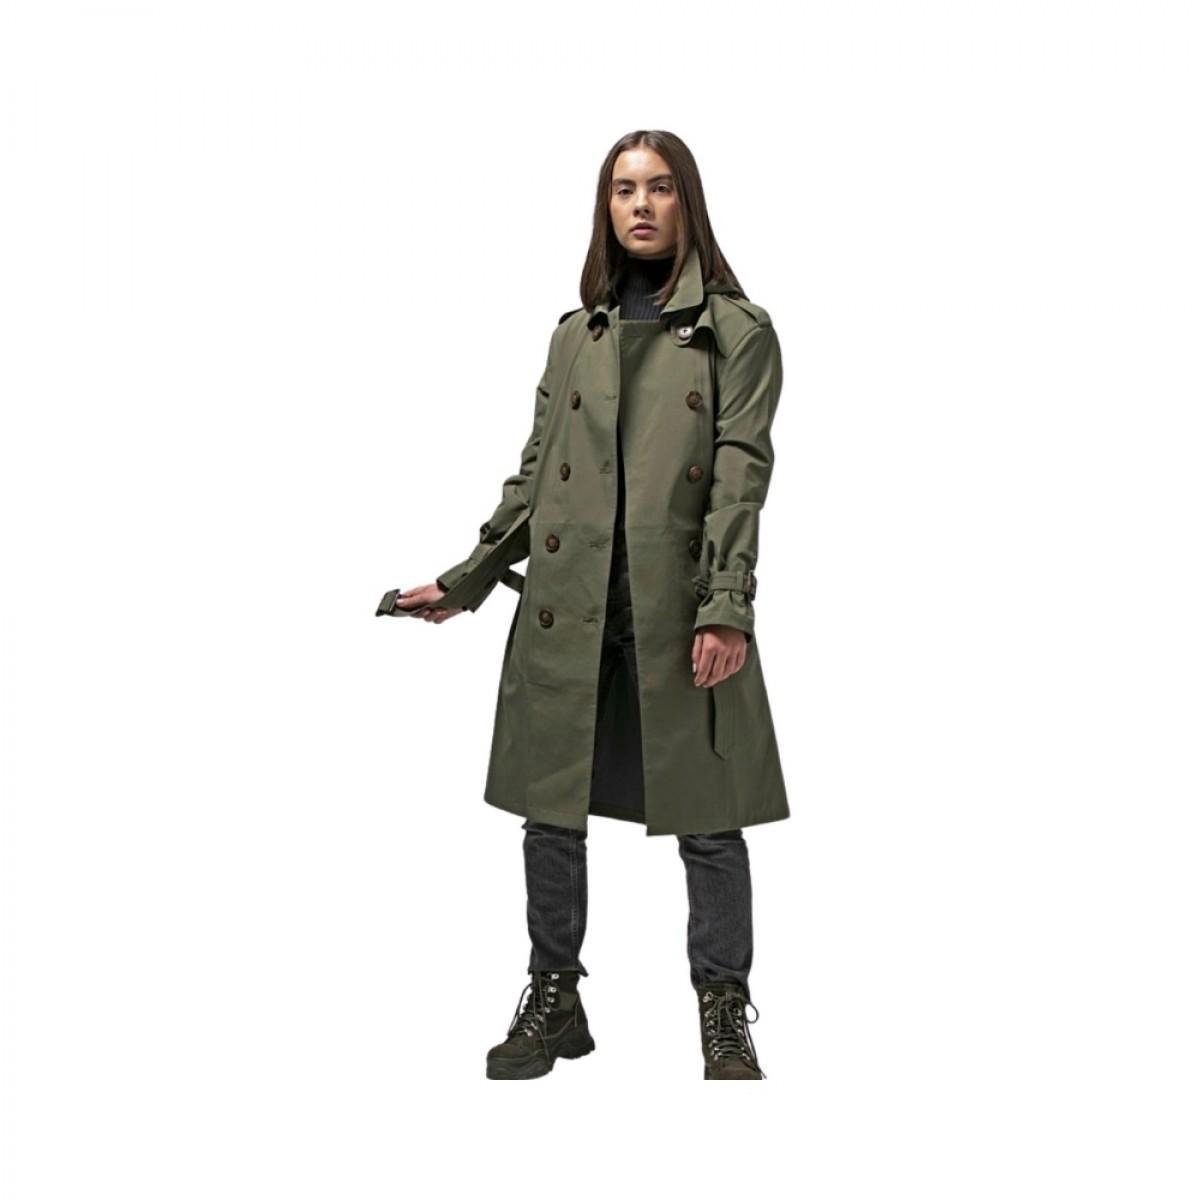 vigra regn frakke dark olive - model billede - siden